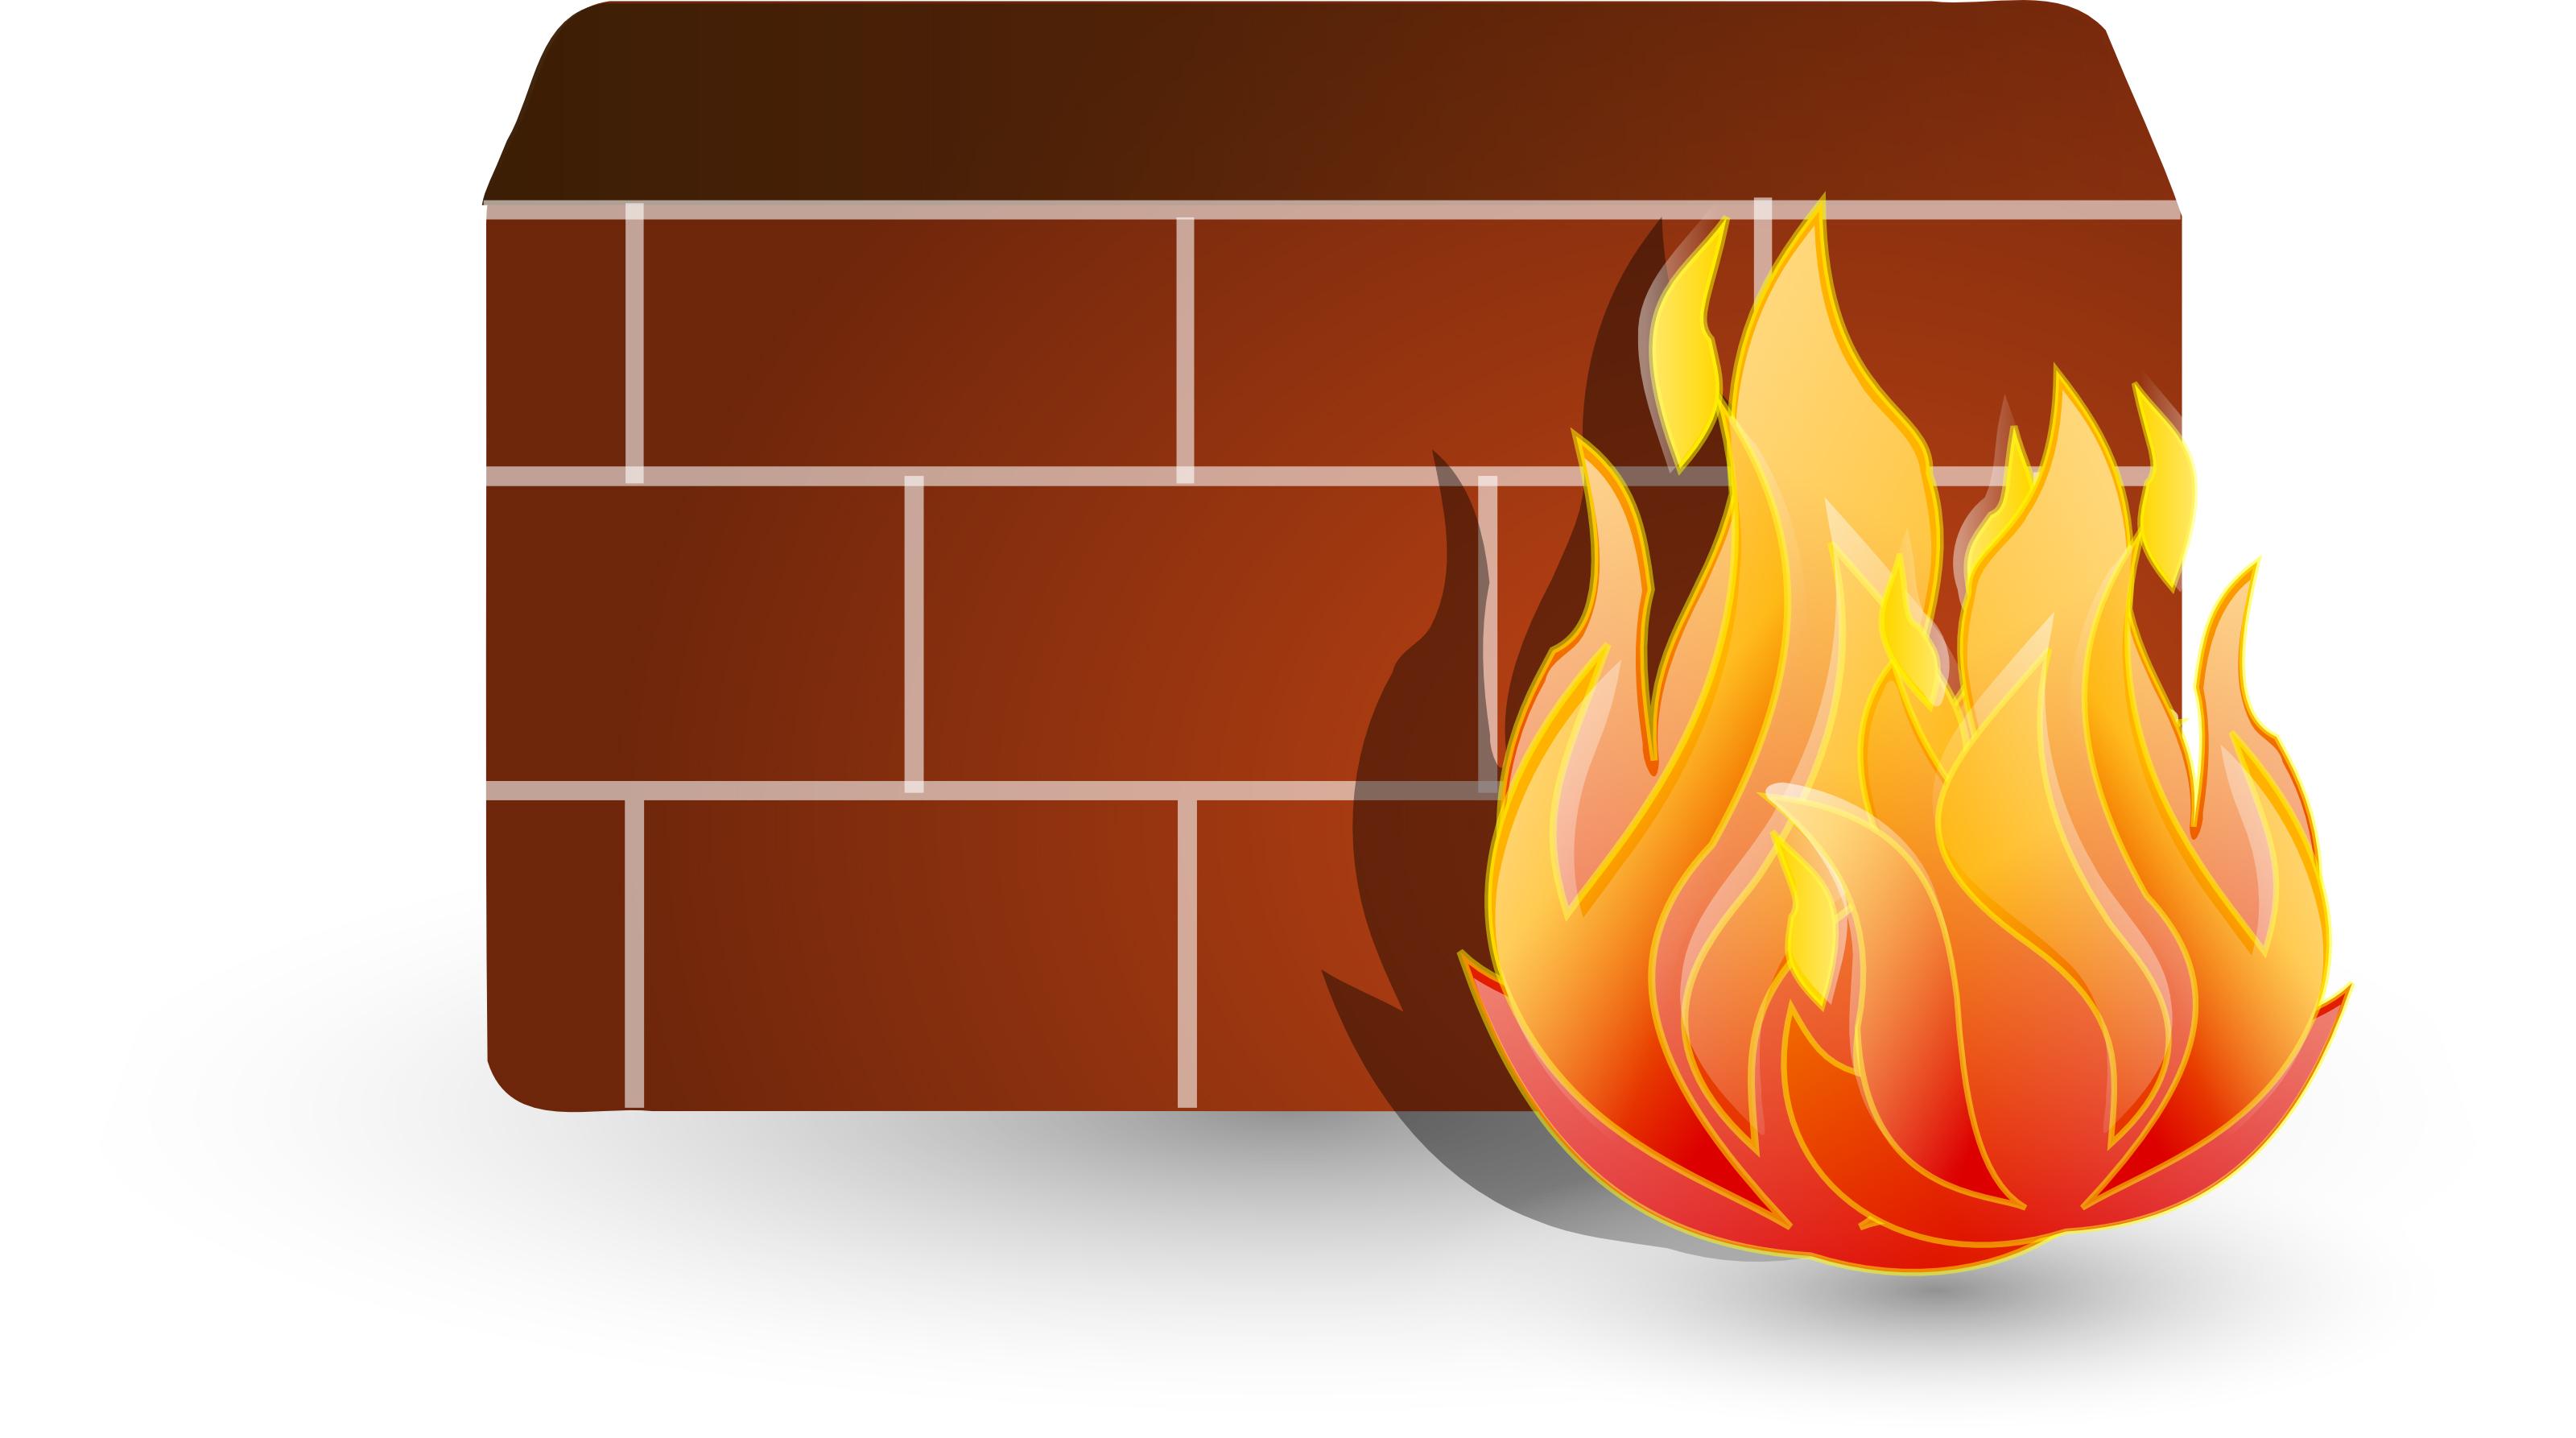 Firewall clip art.